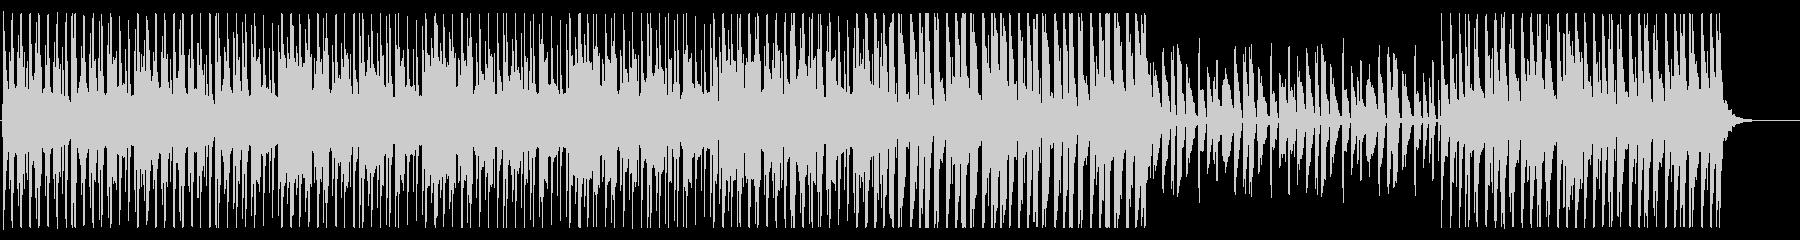 夜の散歩をイメージしたシャッフル系チルの未再生の波形